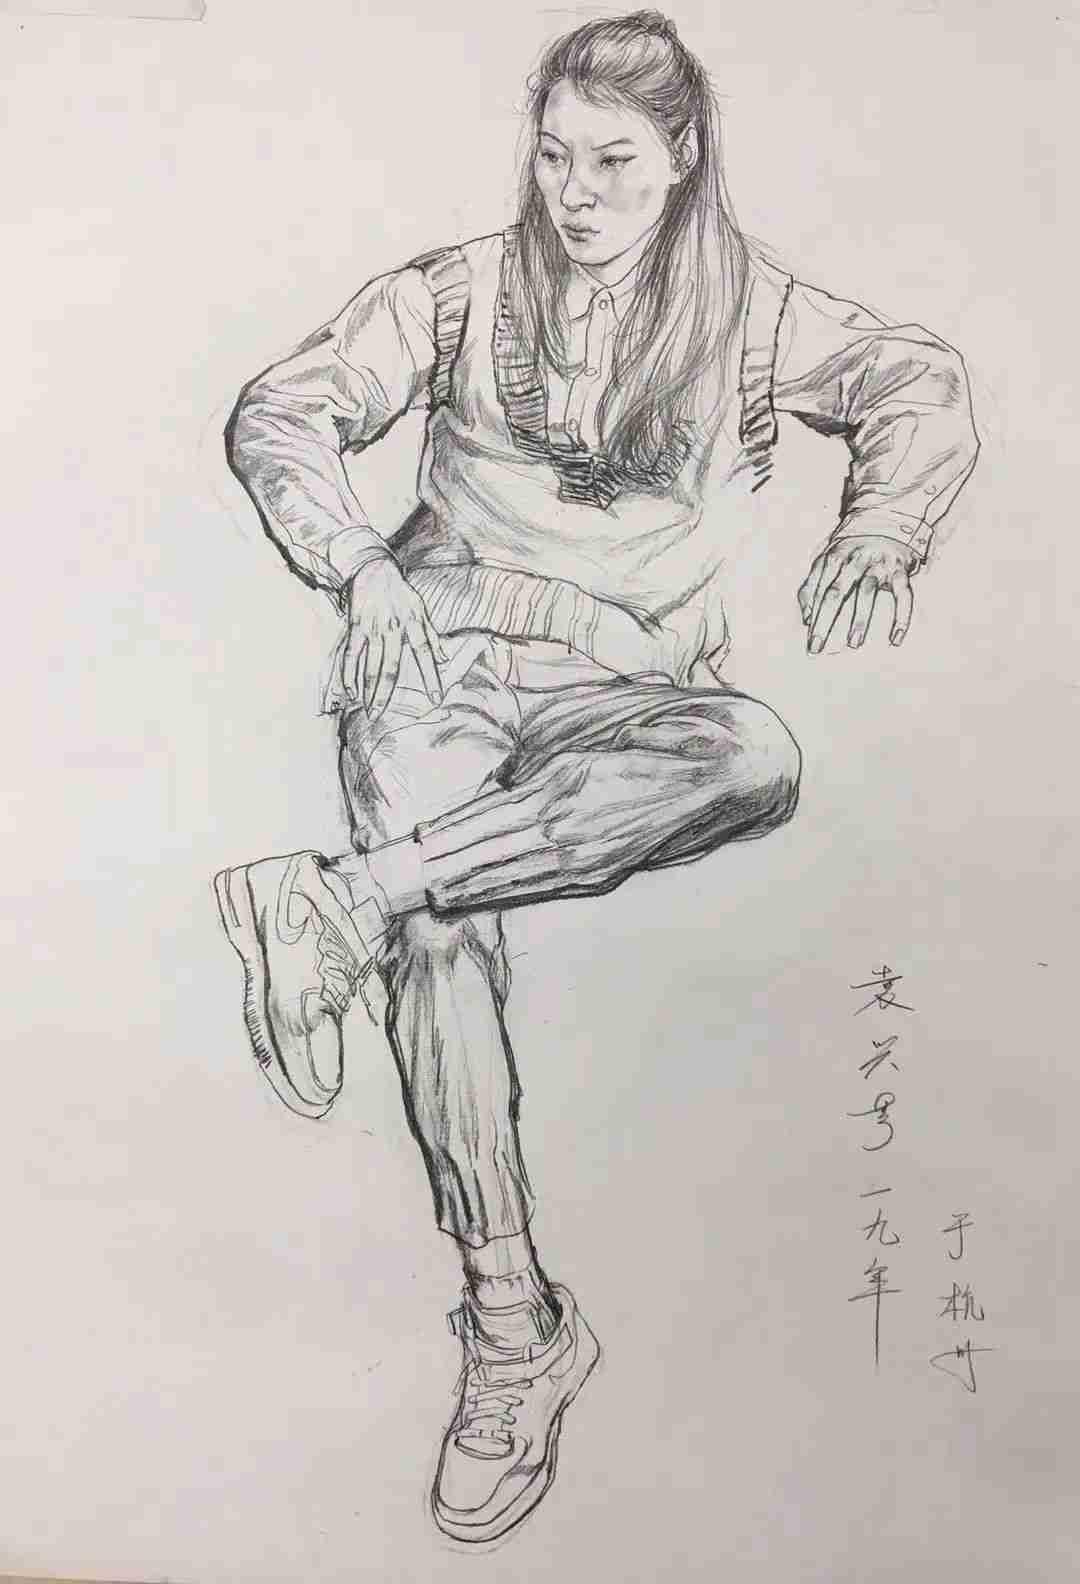 杭州画室集训班速写名师——袁兴芳作品集,23